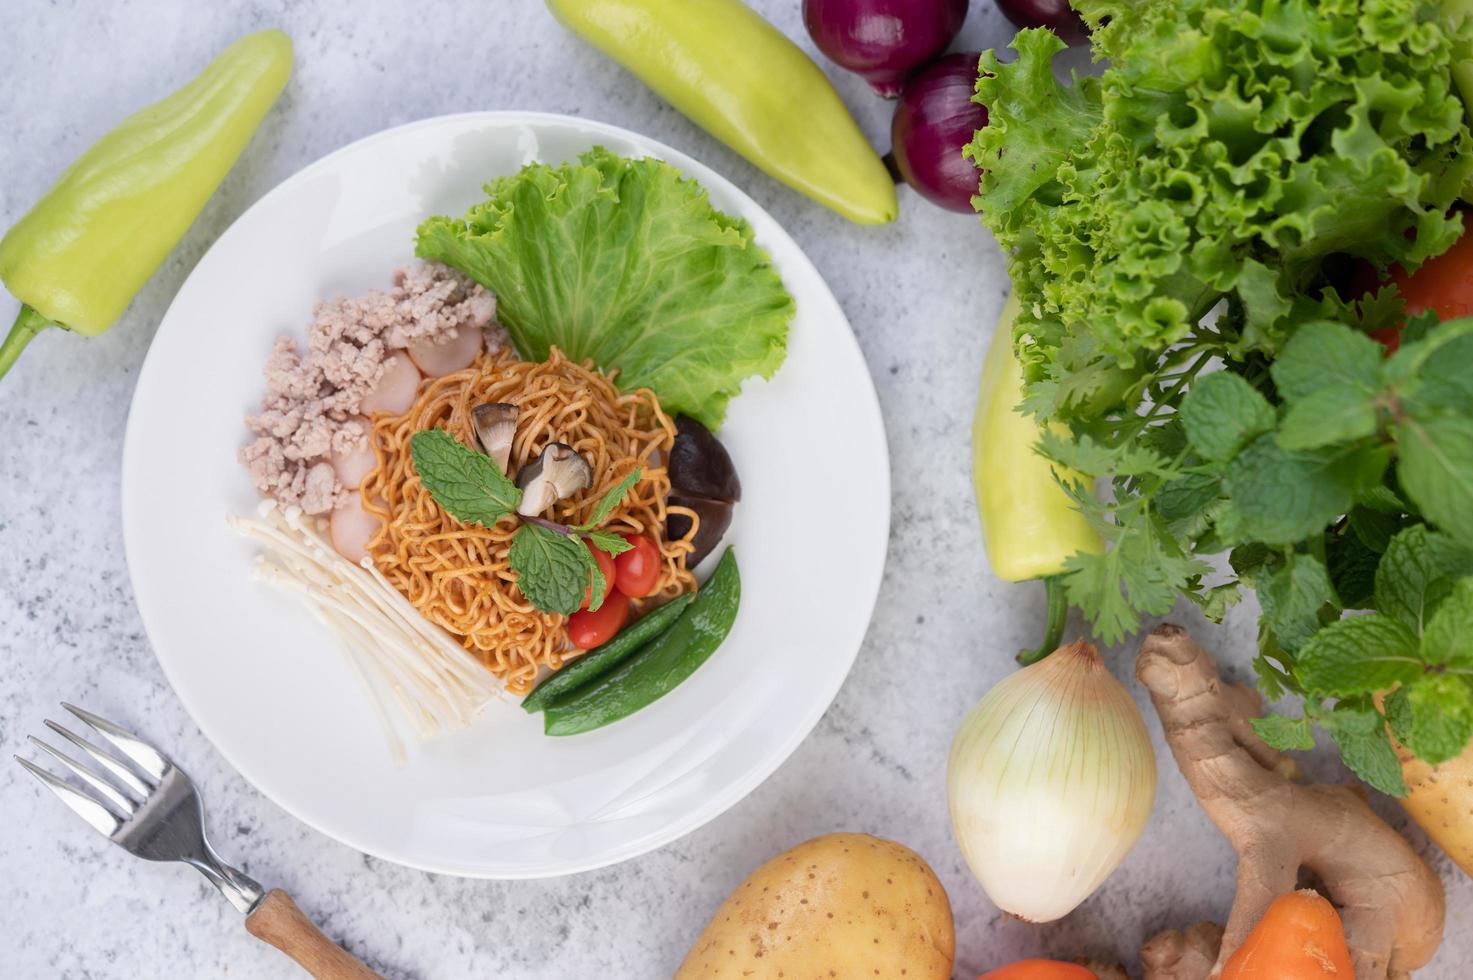 nouilles sautées aux légumes variés photo